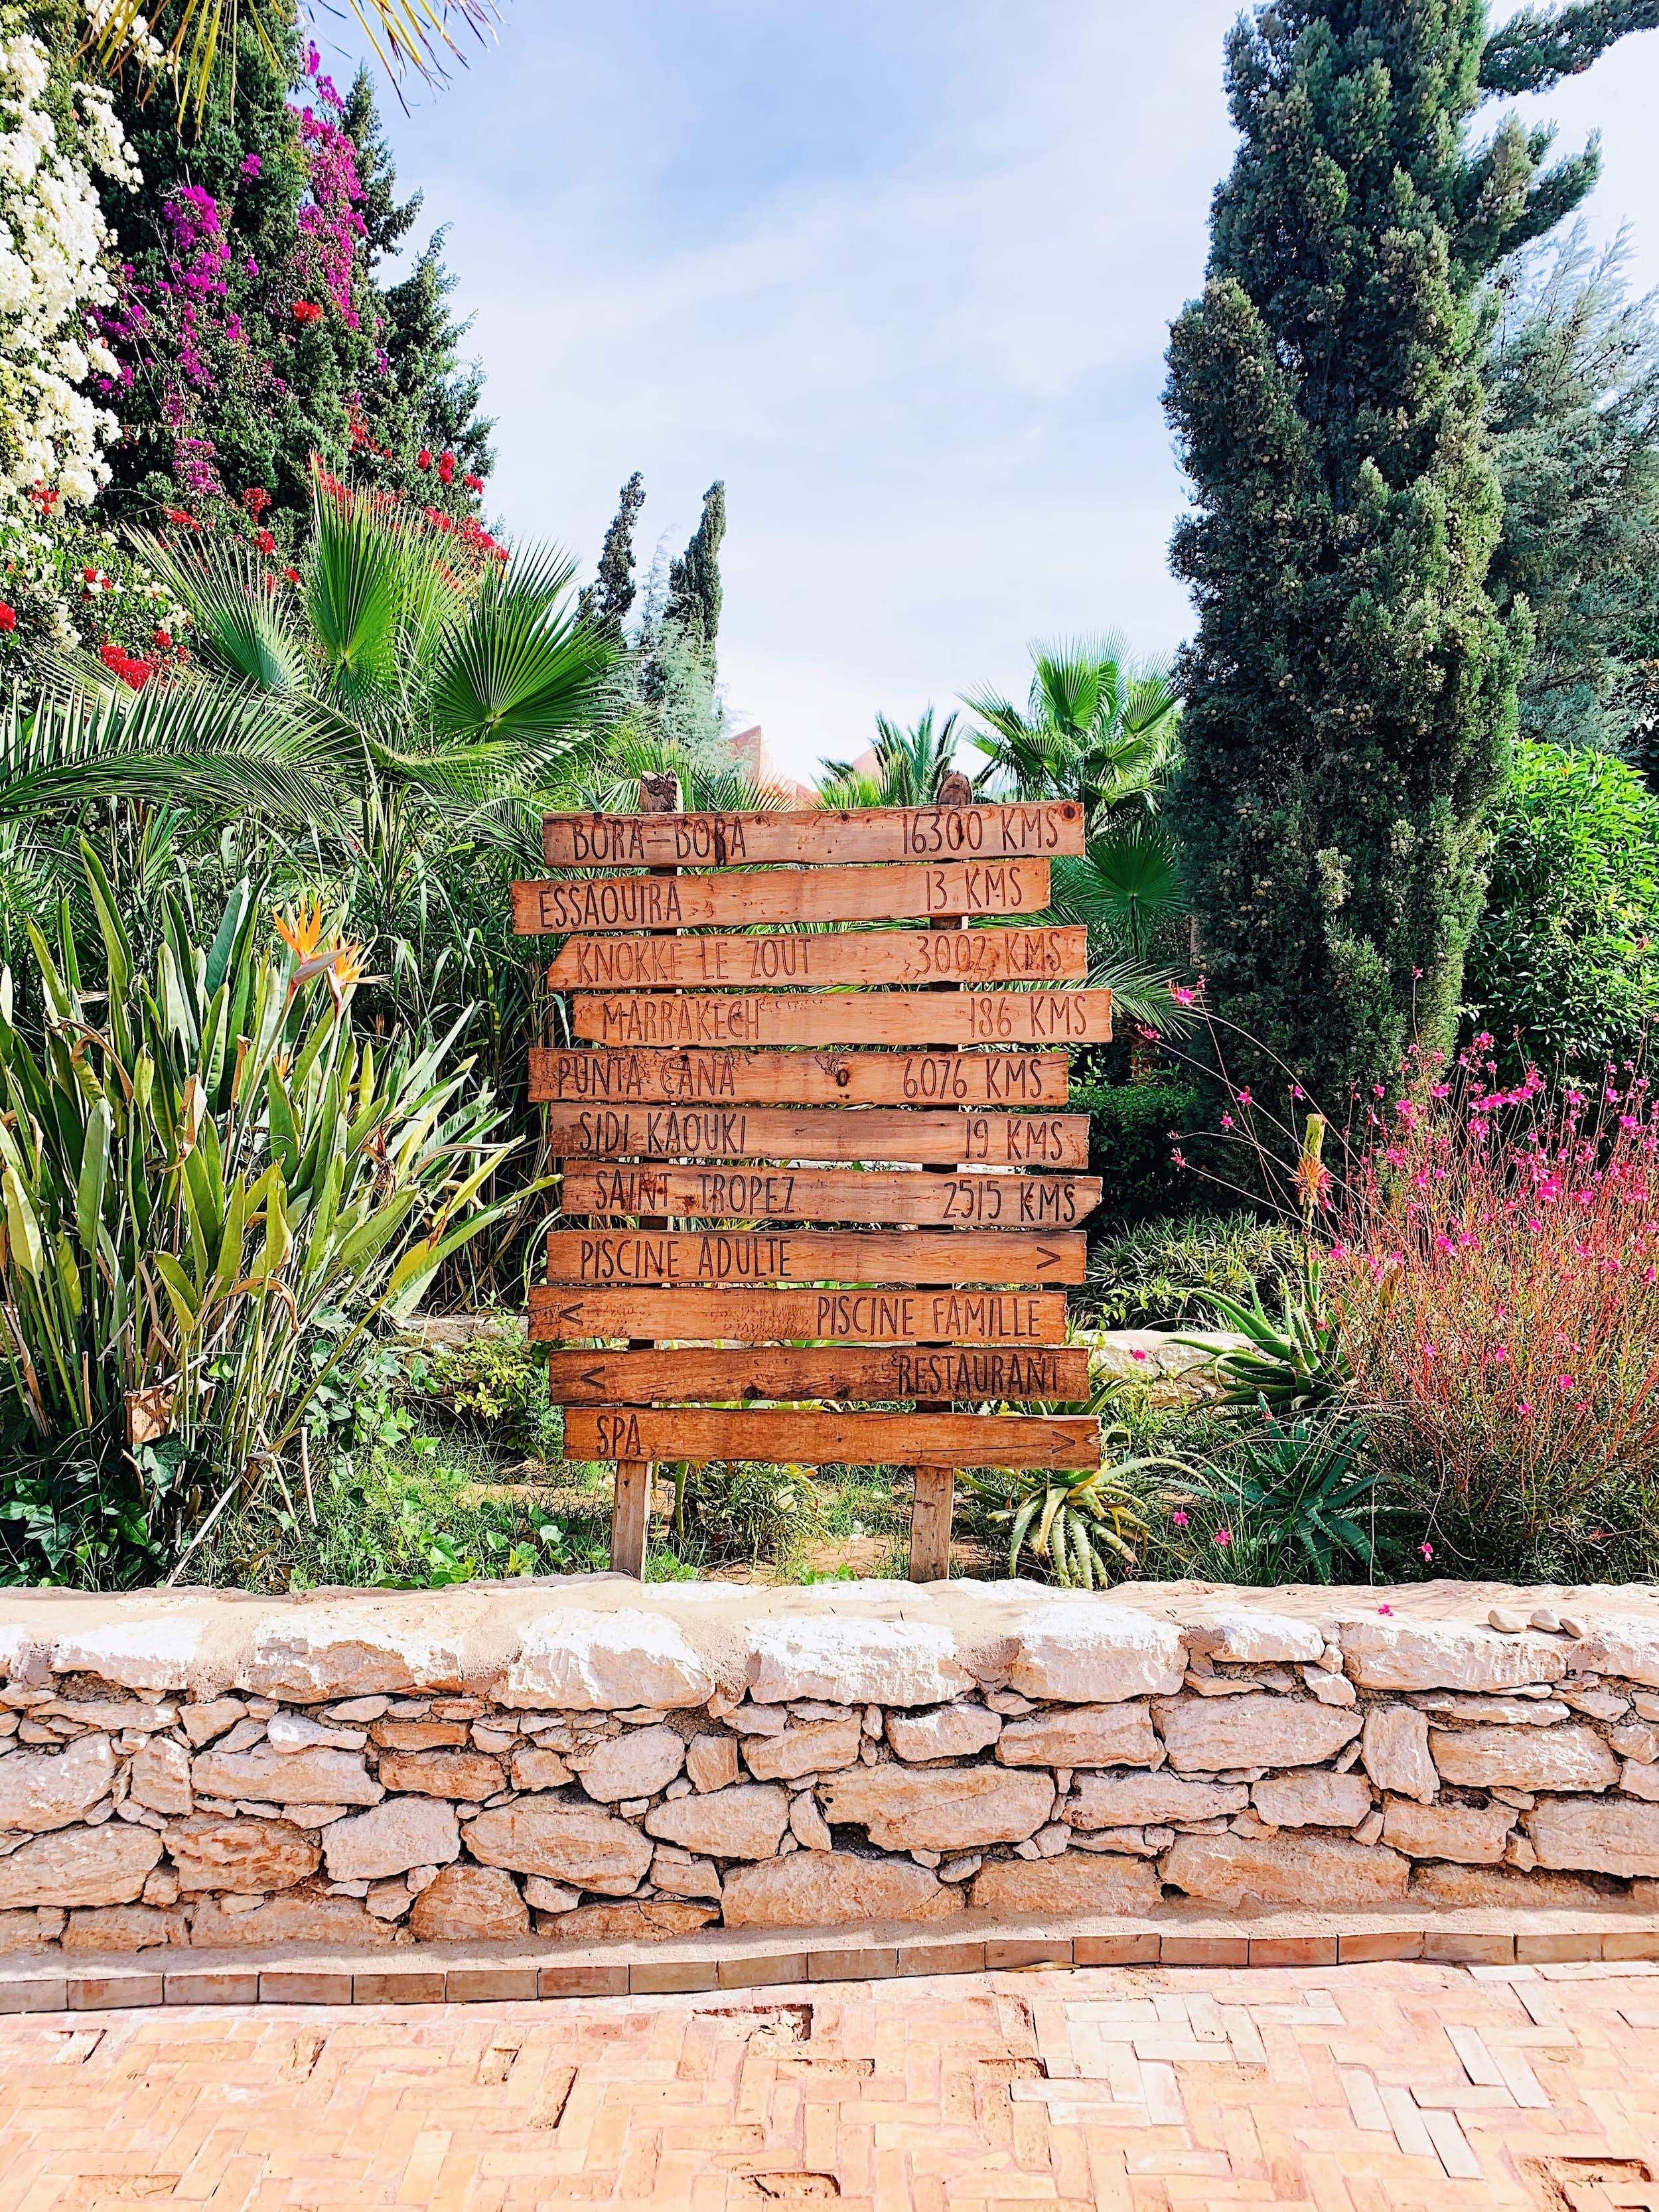 jardin-des-douars-essaouira